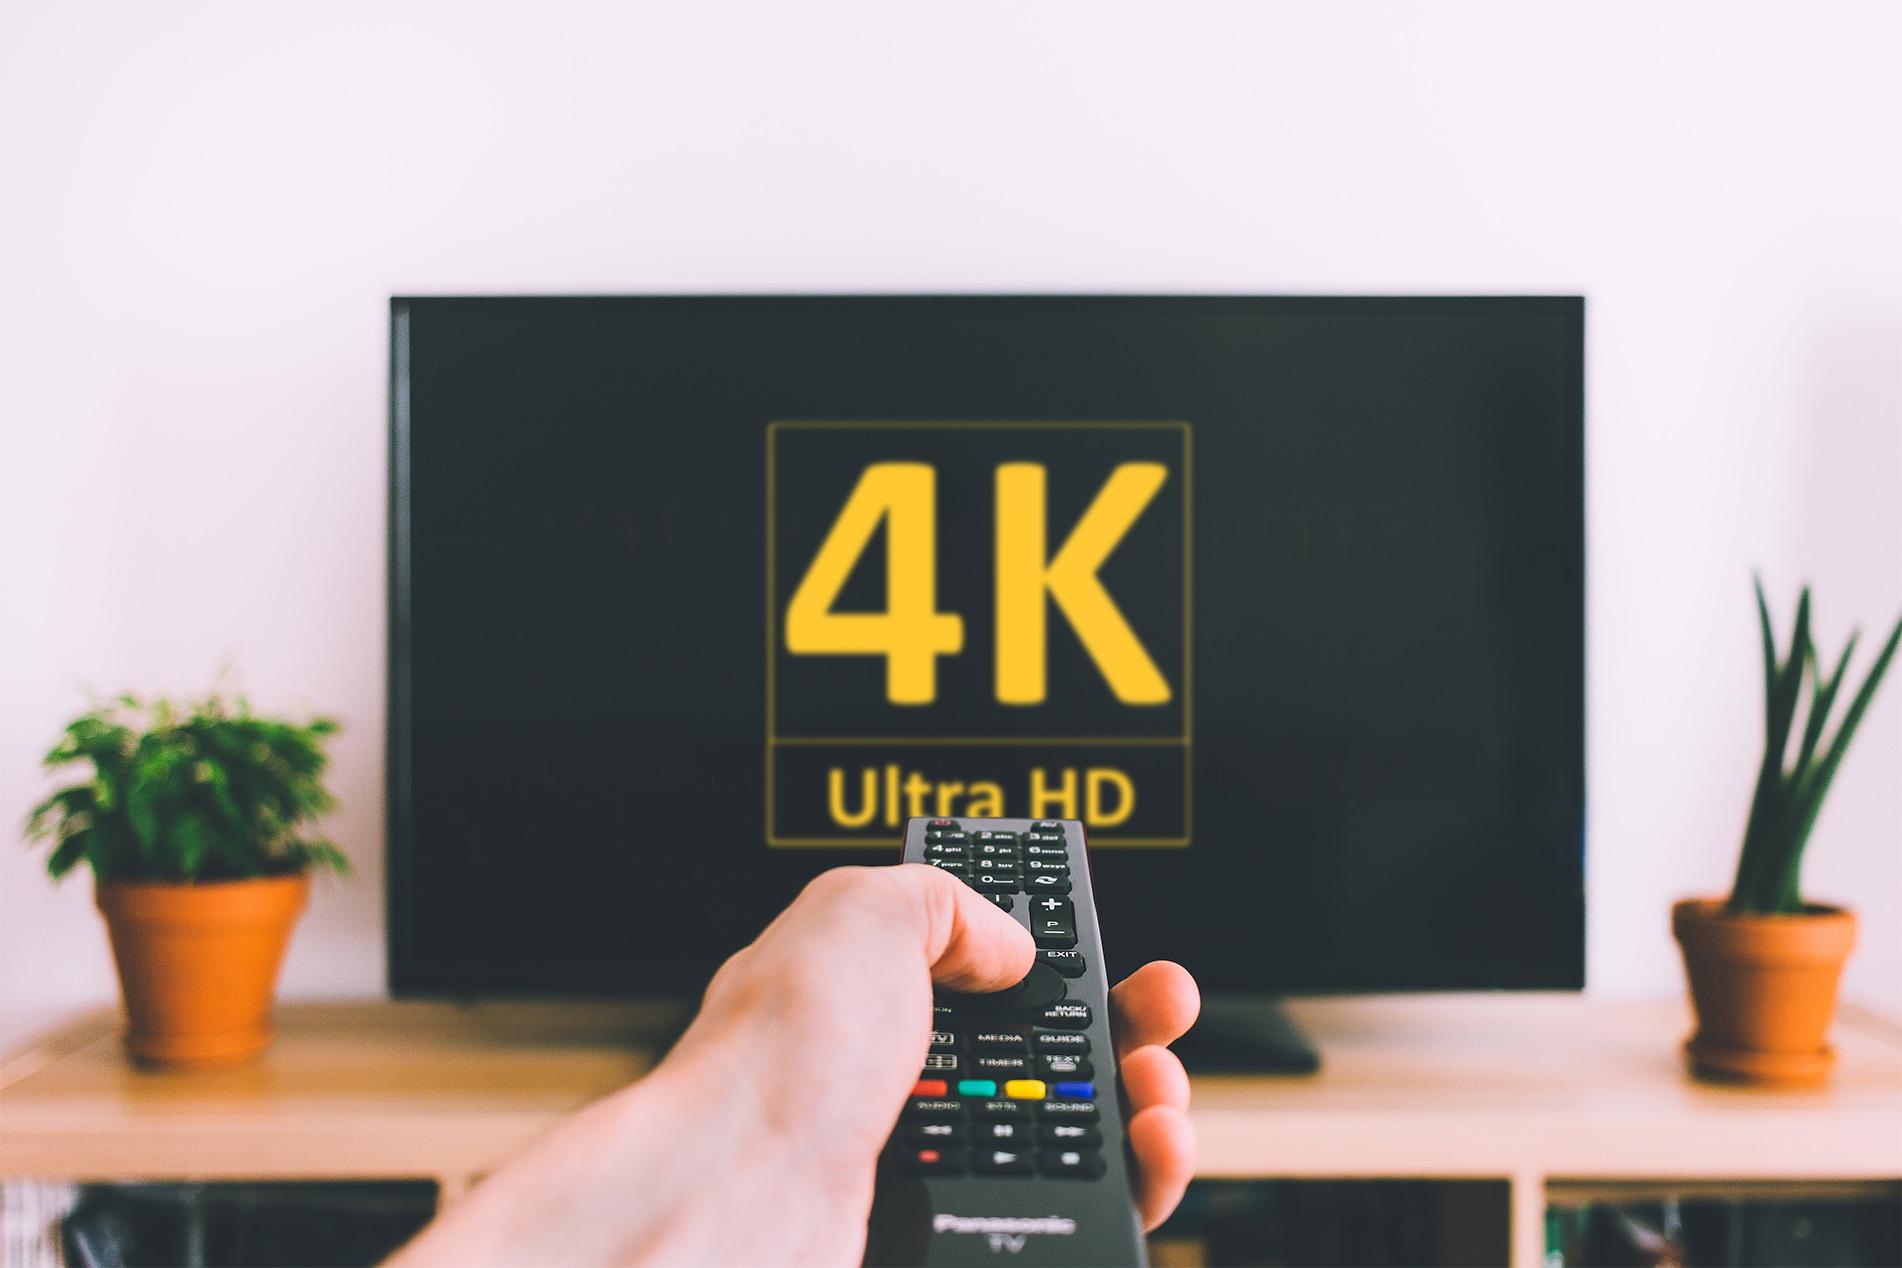 Televisor 4K: ¿podemos apreciar toda esa resolución?